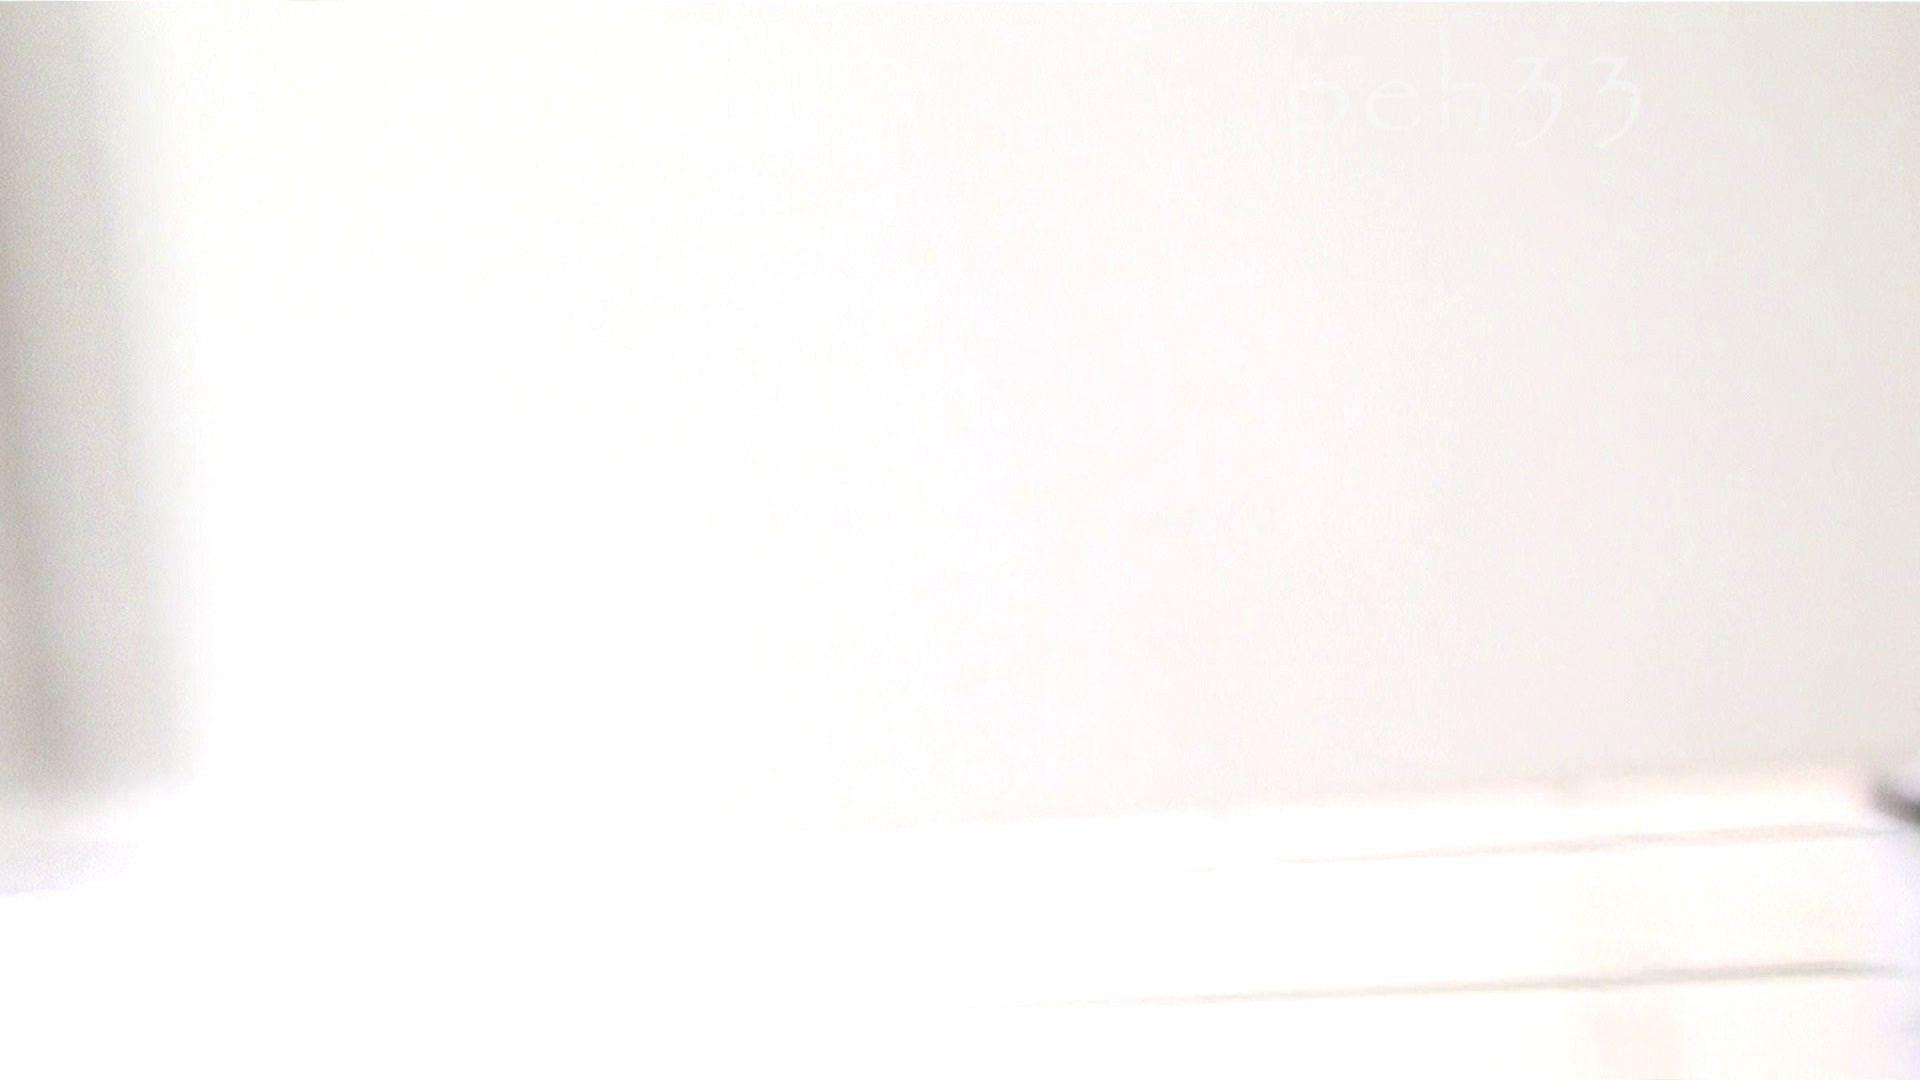 ※100個限定販売 至高下半身盗撮 プレミアム Vol.33 ハイビジョン OL   盗撮エロすぎ  57連発 33